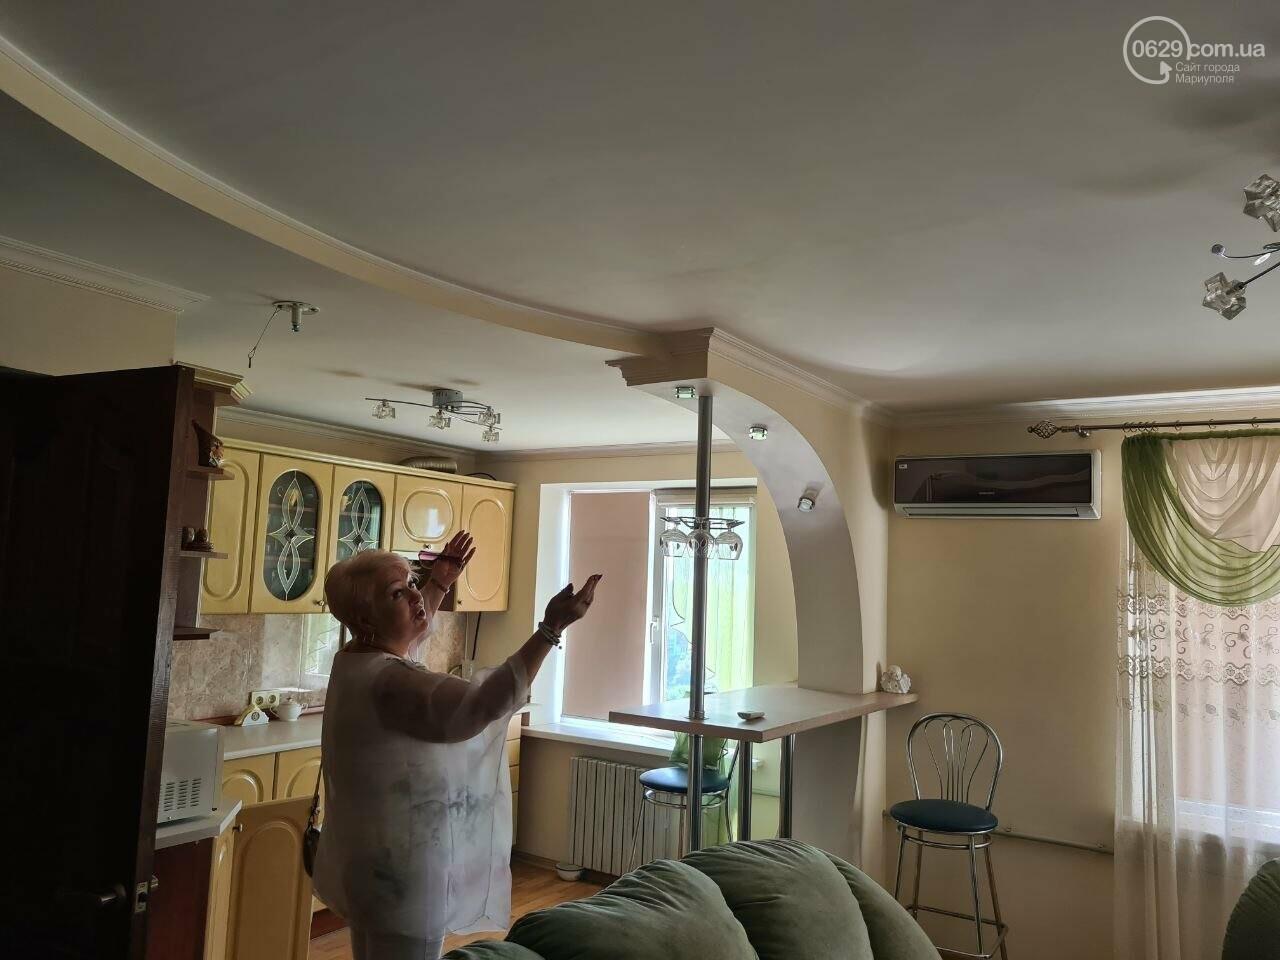 Эхо непогоды! В Мариуполе внепланово ремонтируют пострадавшую от ливня многоэтажку, - ФОТО, фото-23